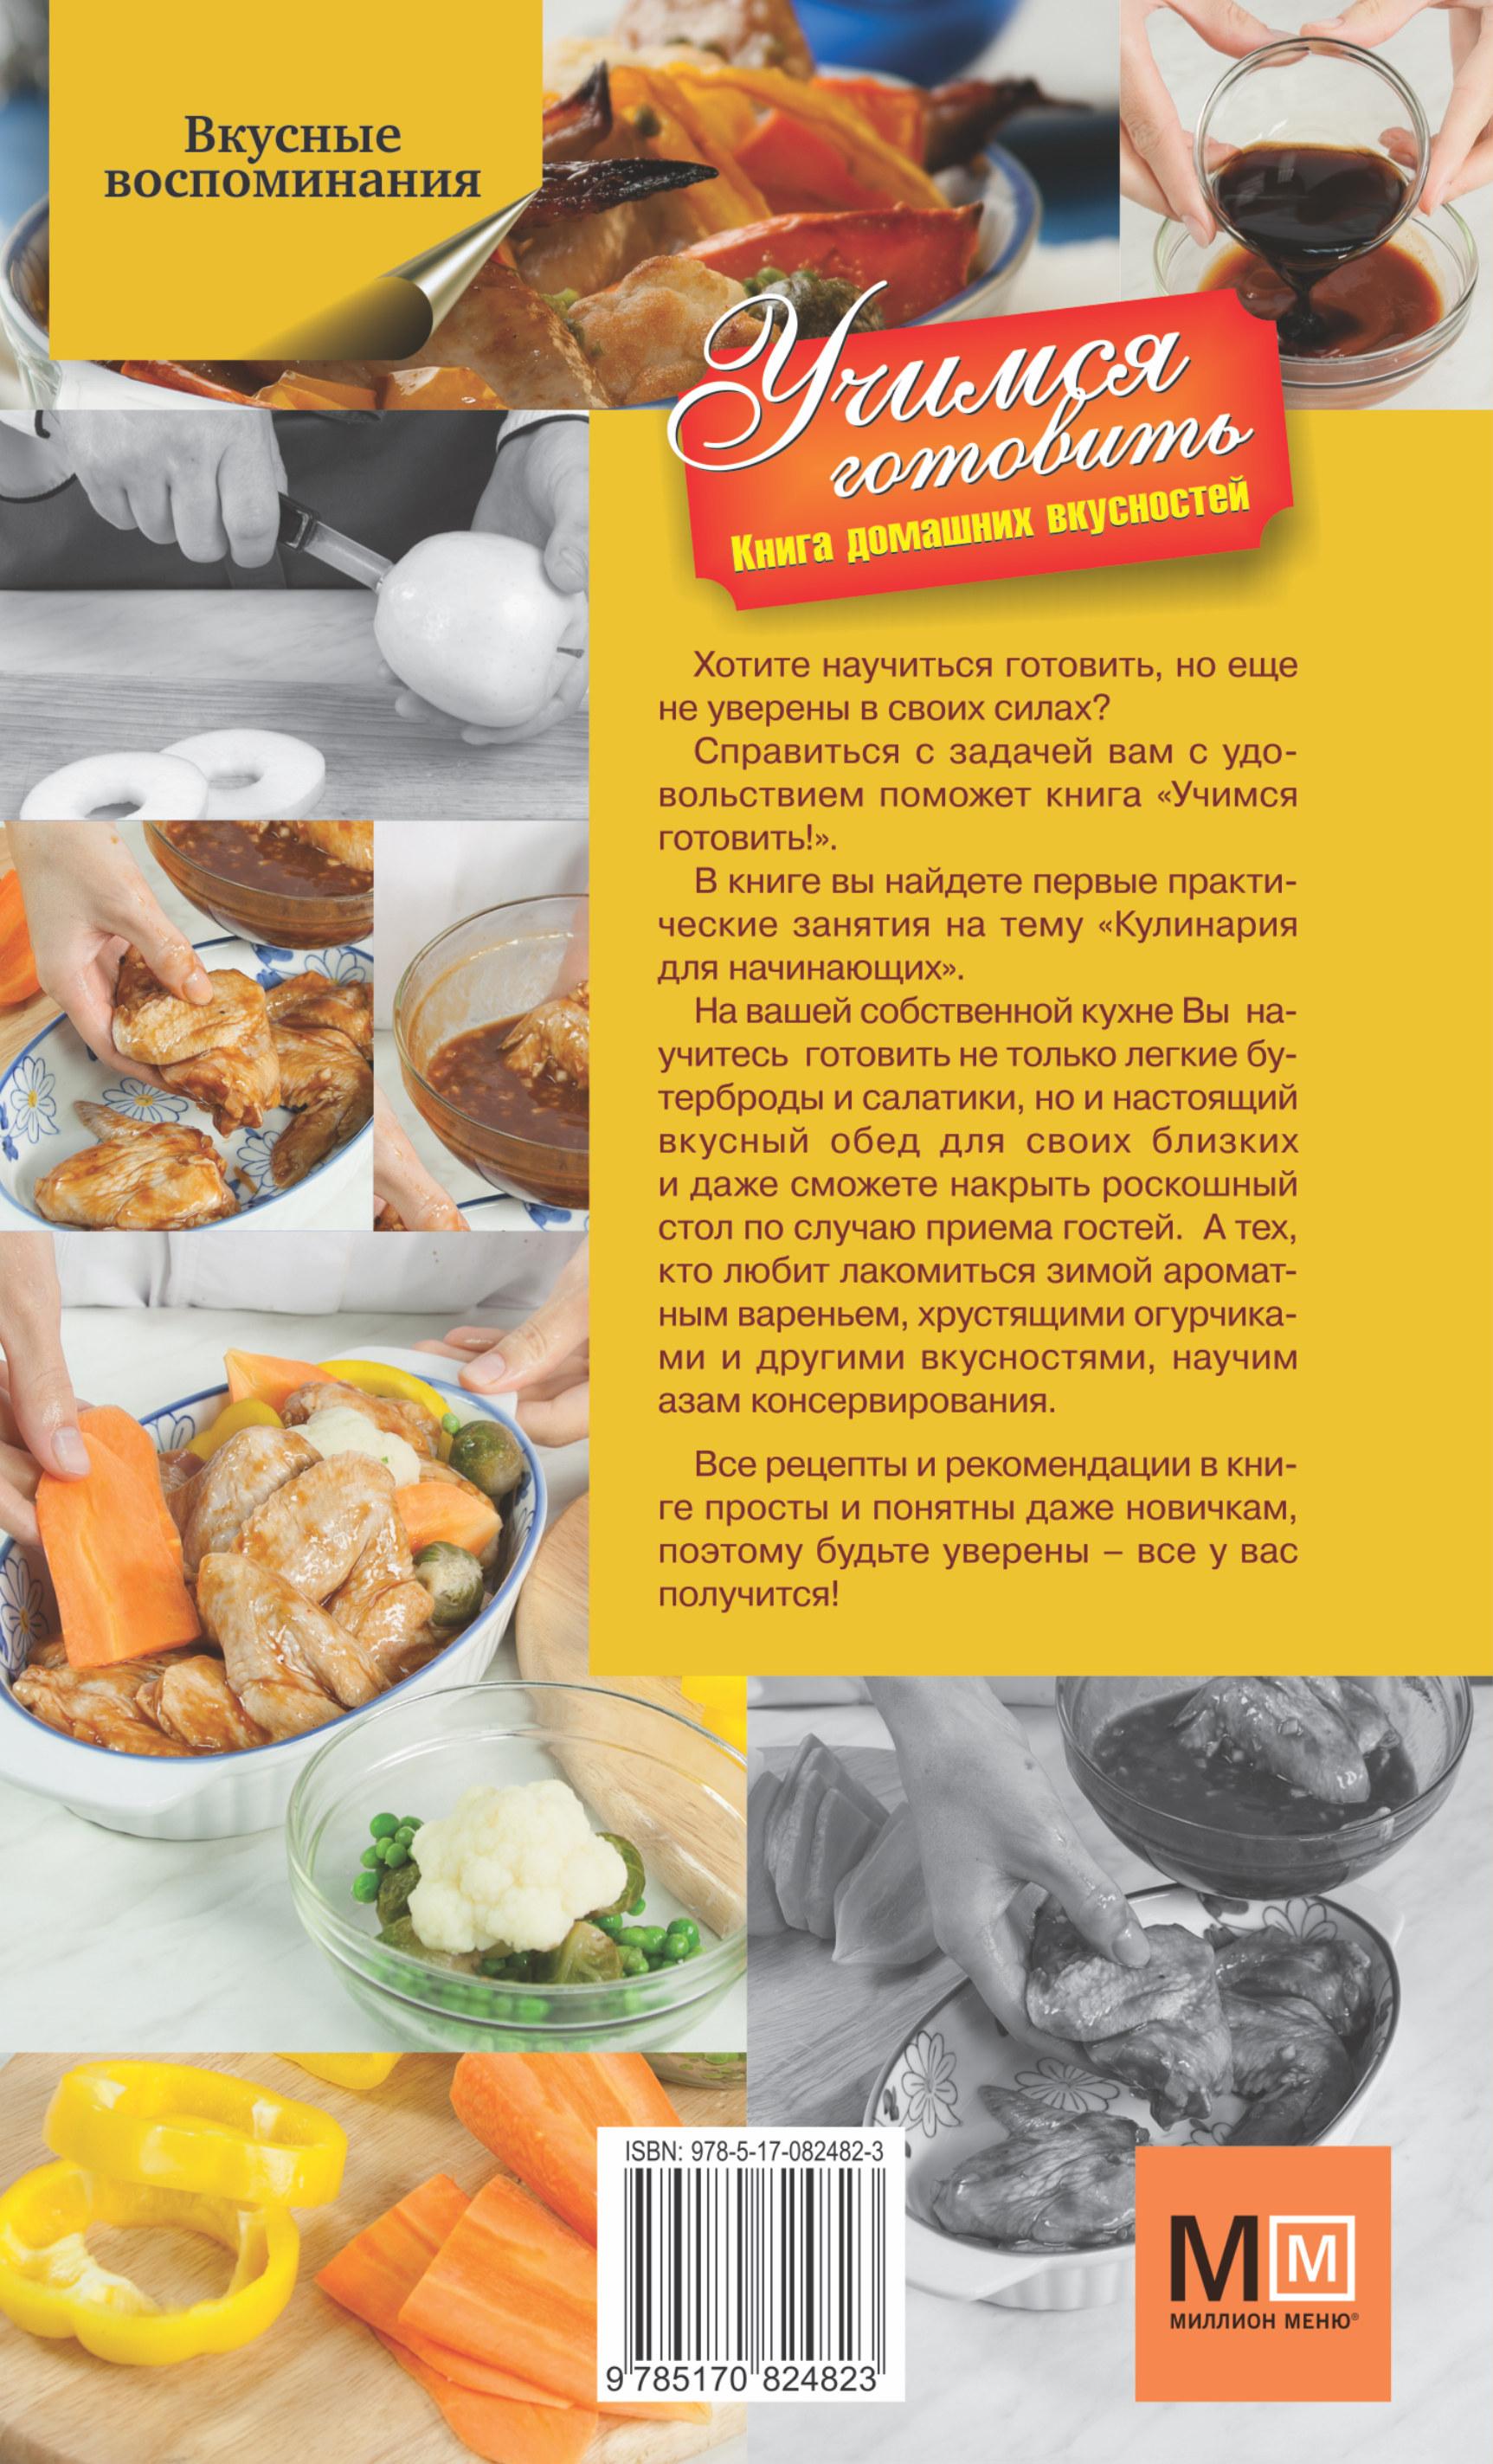 Рецепты для тех кто на диете